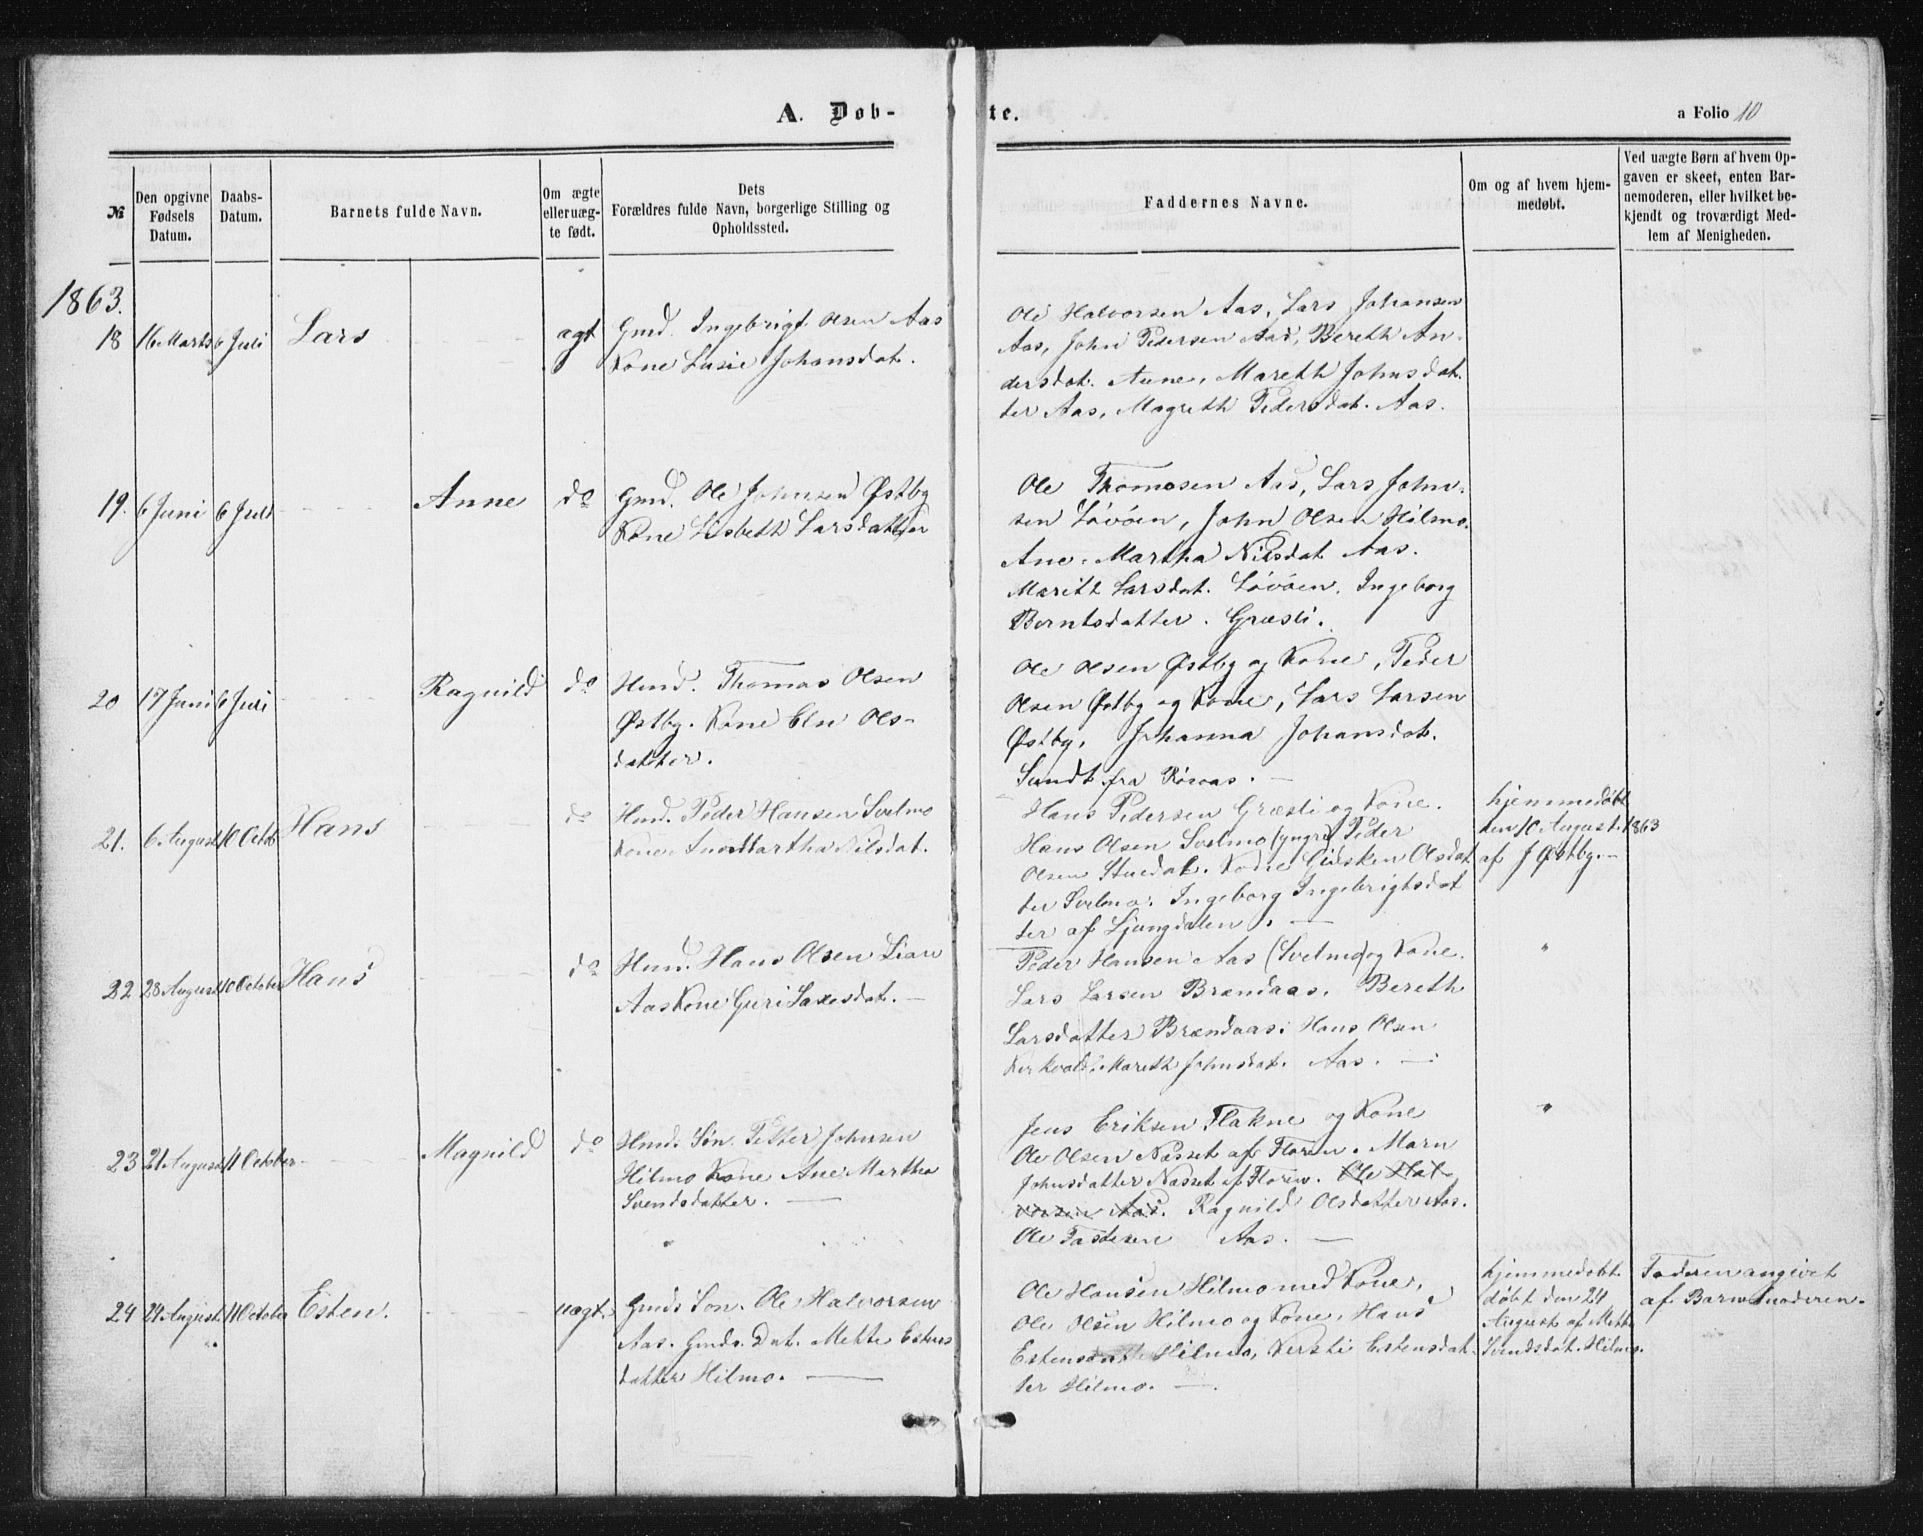 SAT, Ministerialprotokoller, klokkerbøker og fødselsregistre - Sør-Trøndelag, 698/L1166: Klokkerbok nr. 698C03, 1861-1887, s. 10